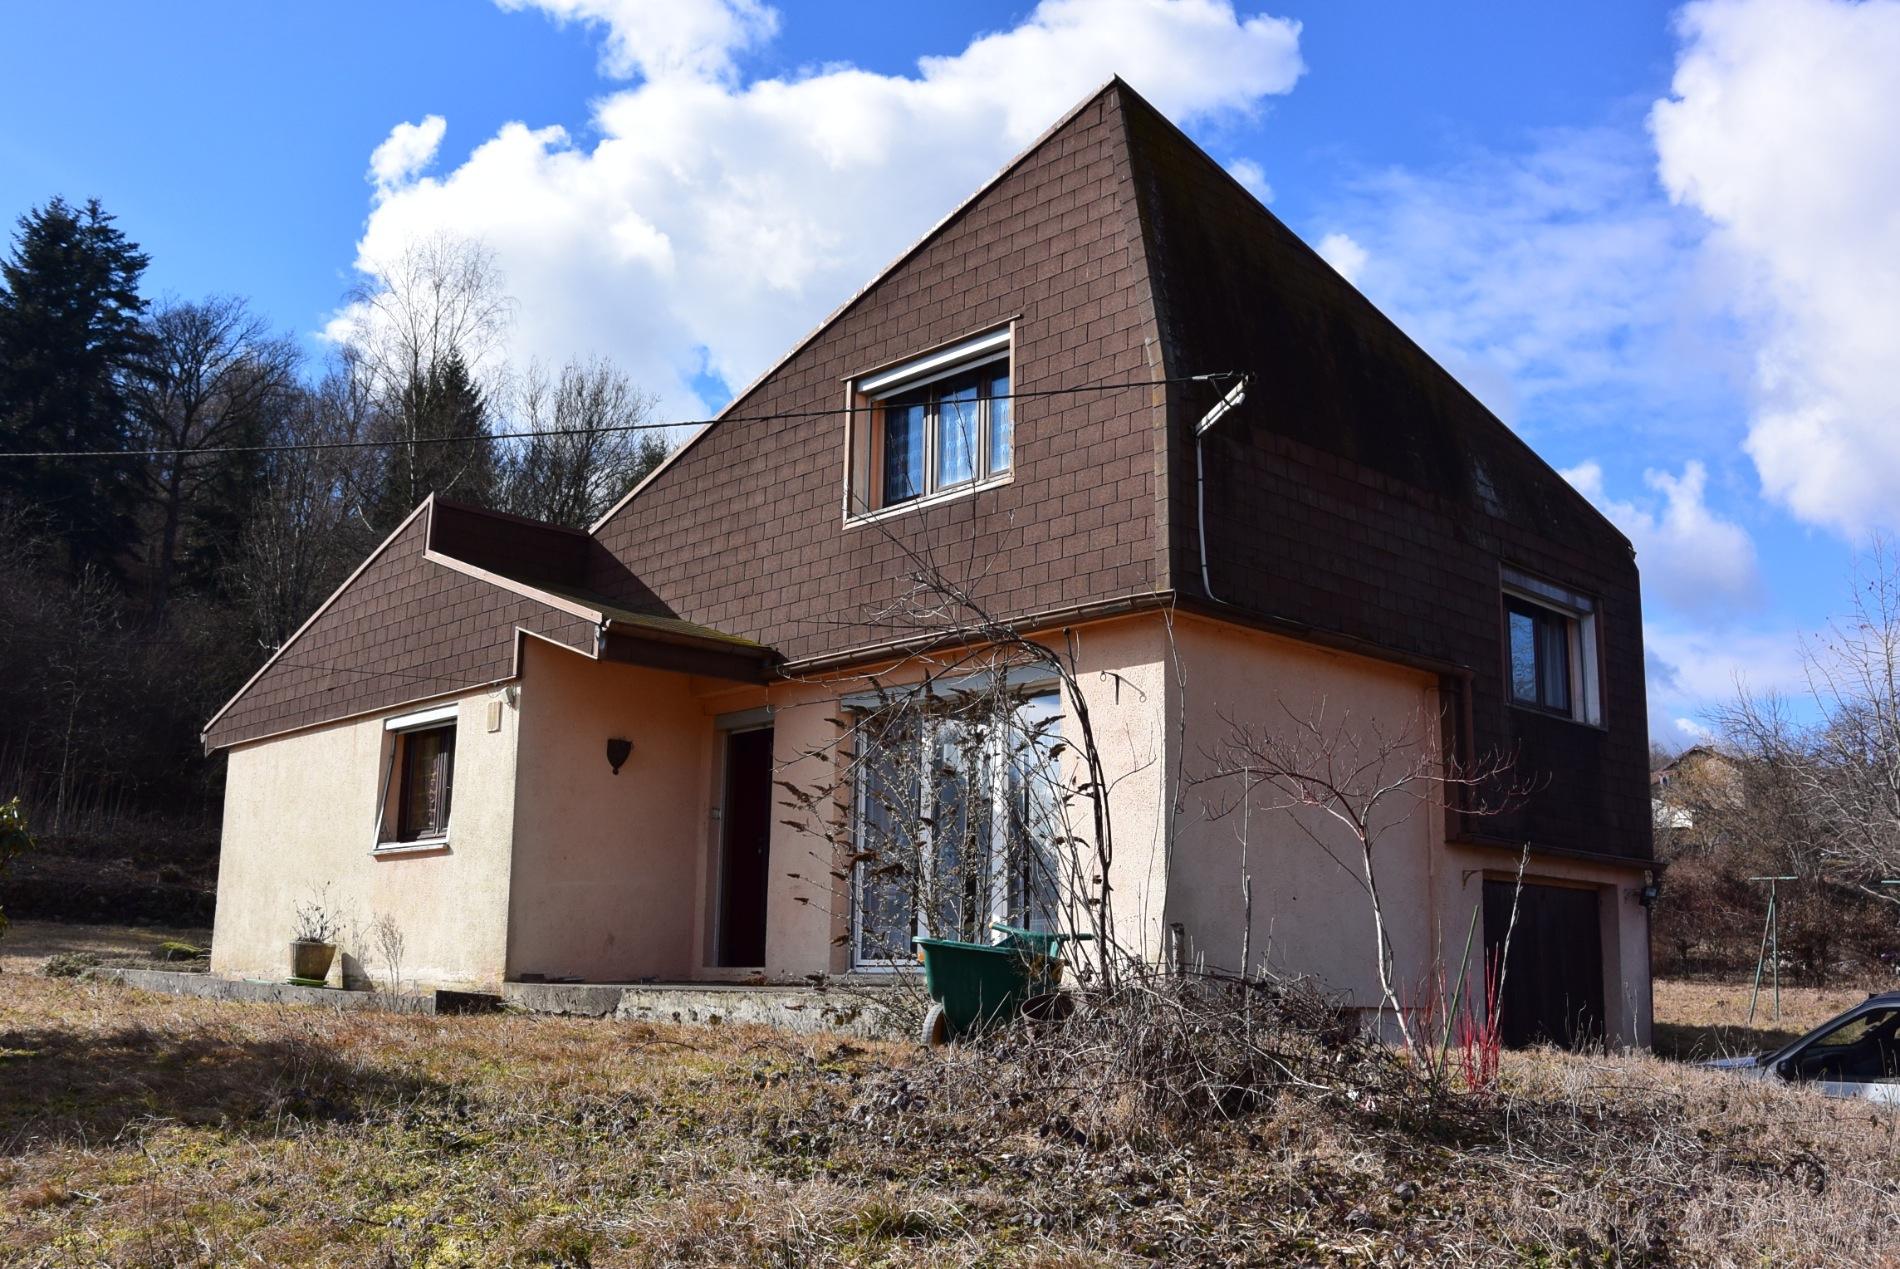 Vente maison plancher bas 70290 sur le partenaire for Vente bien immobilier atypique